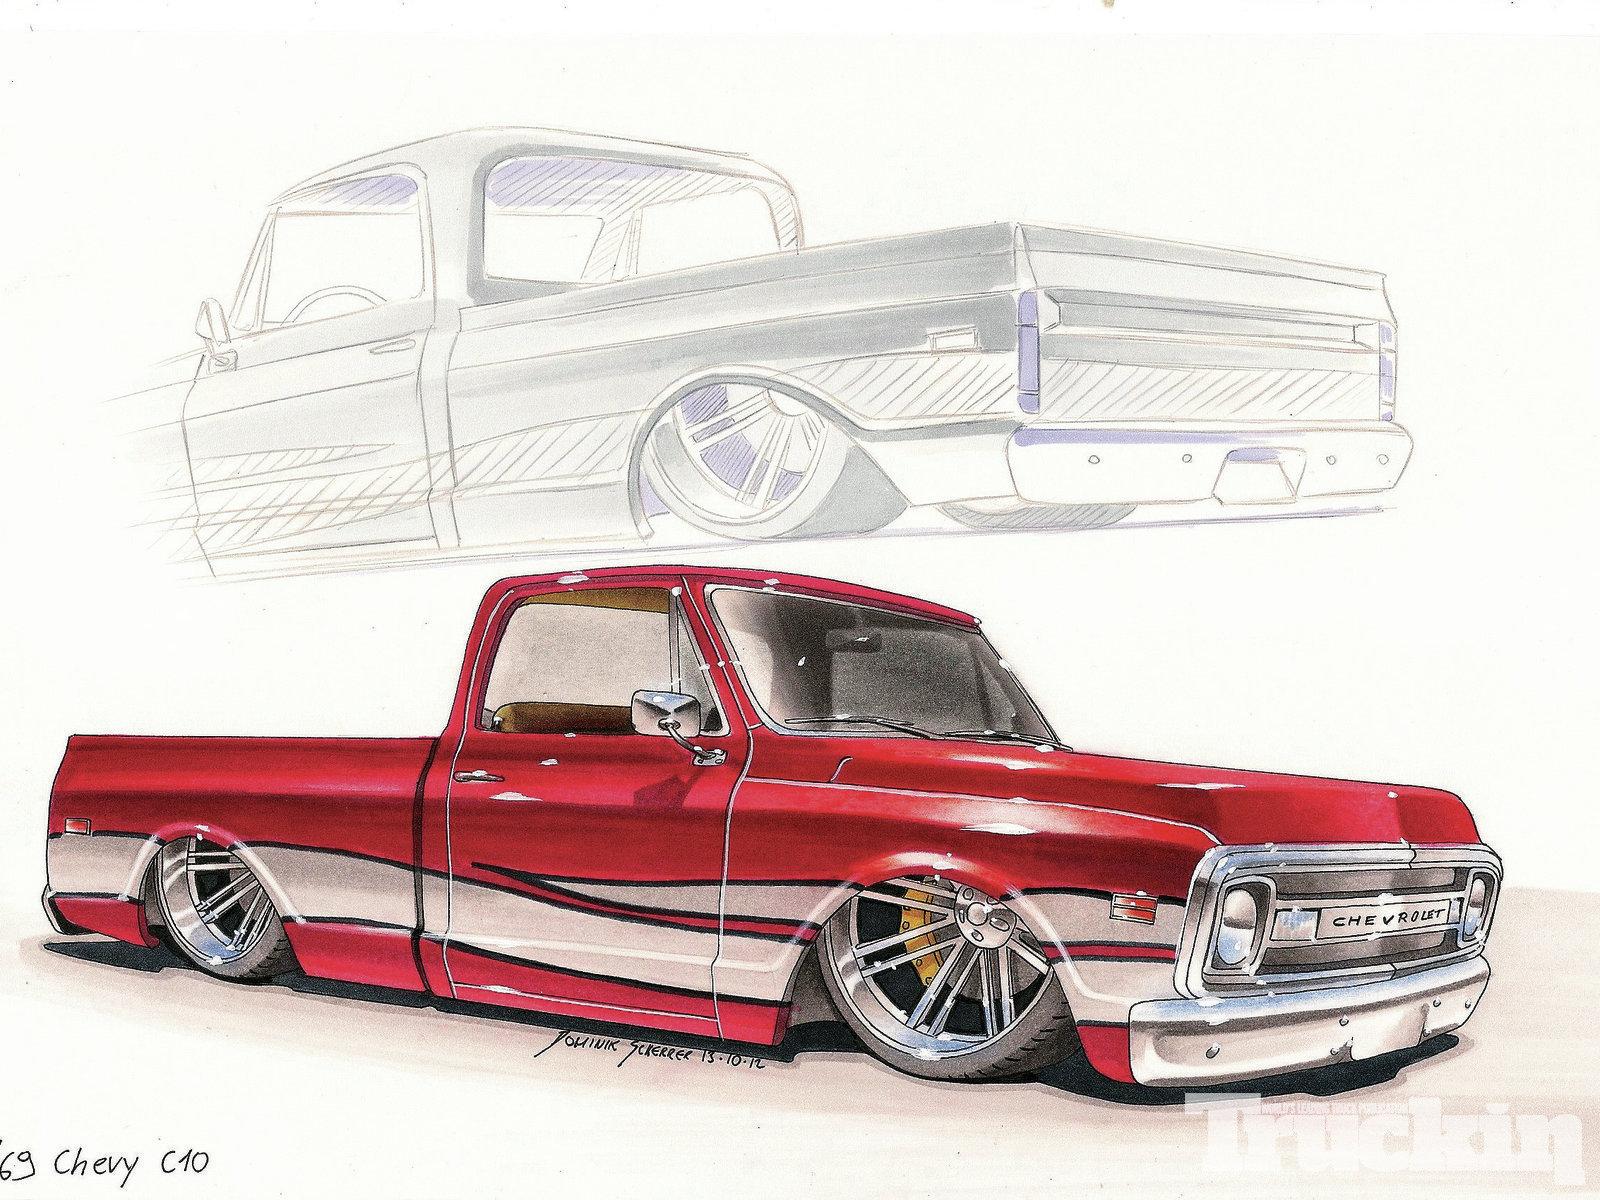 Drawn truck chevy  jpg 1303tr 02+artwork_by_dominik_scherrer_radical_renderings+1969 c10